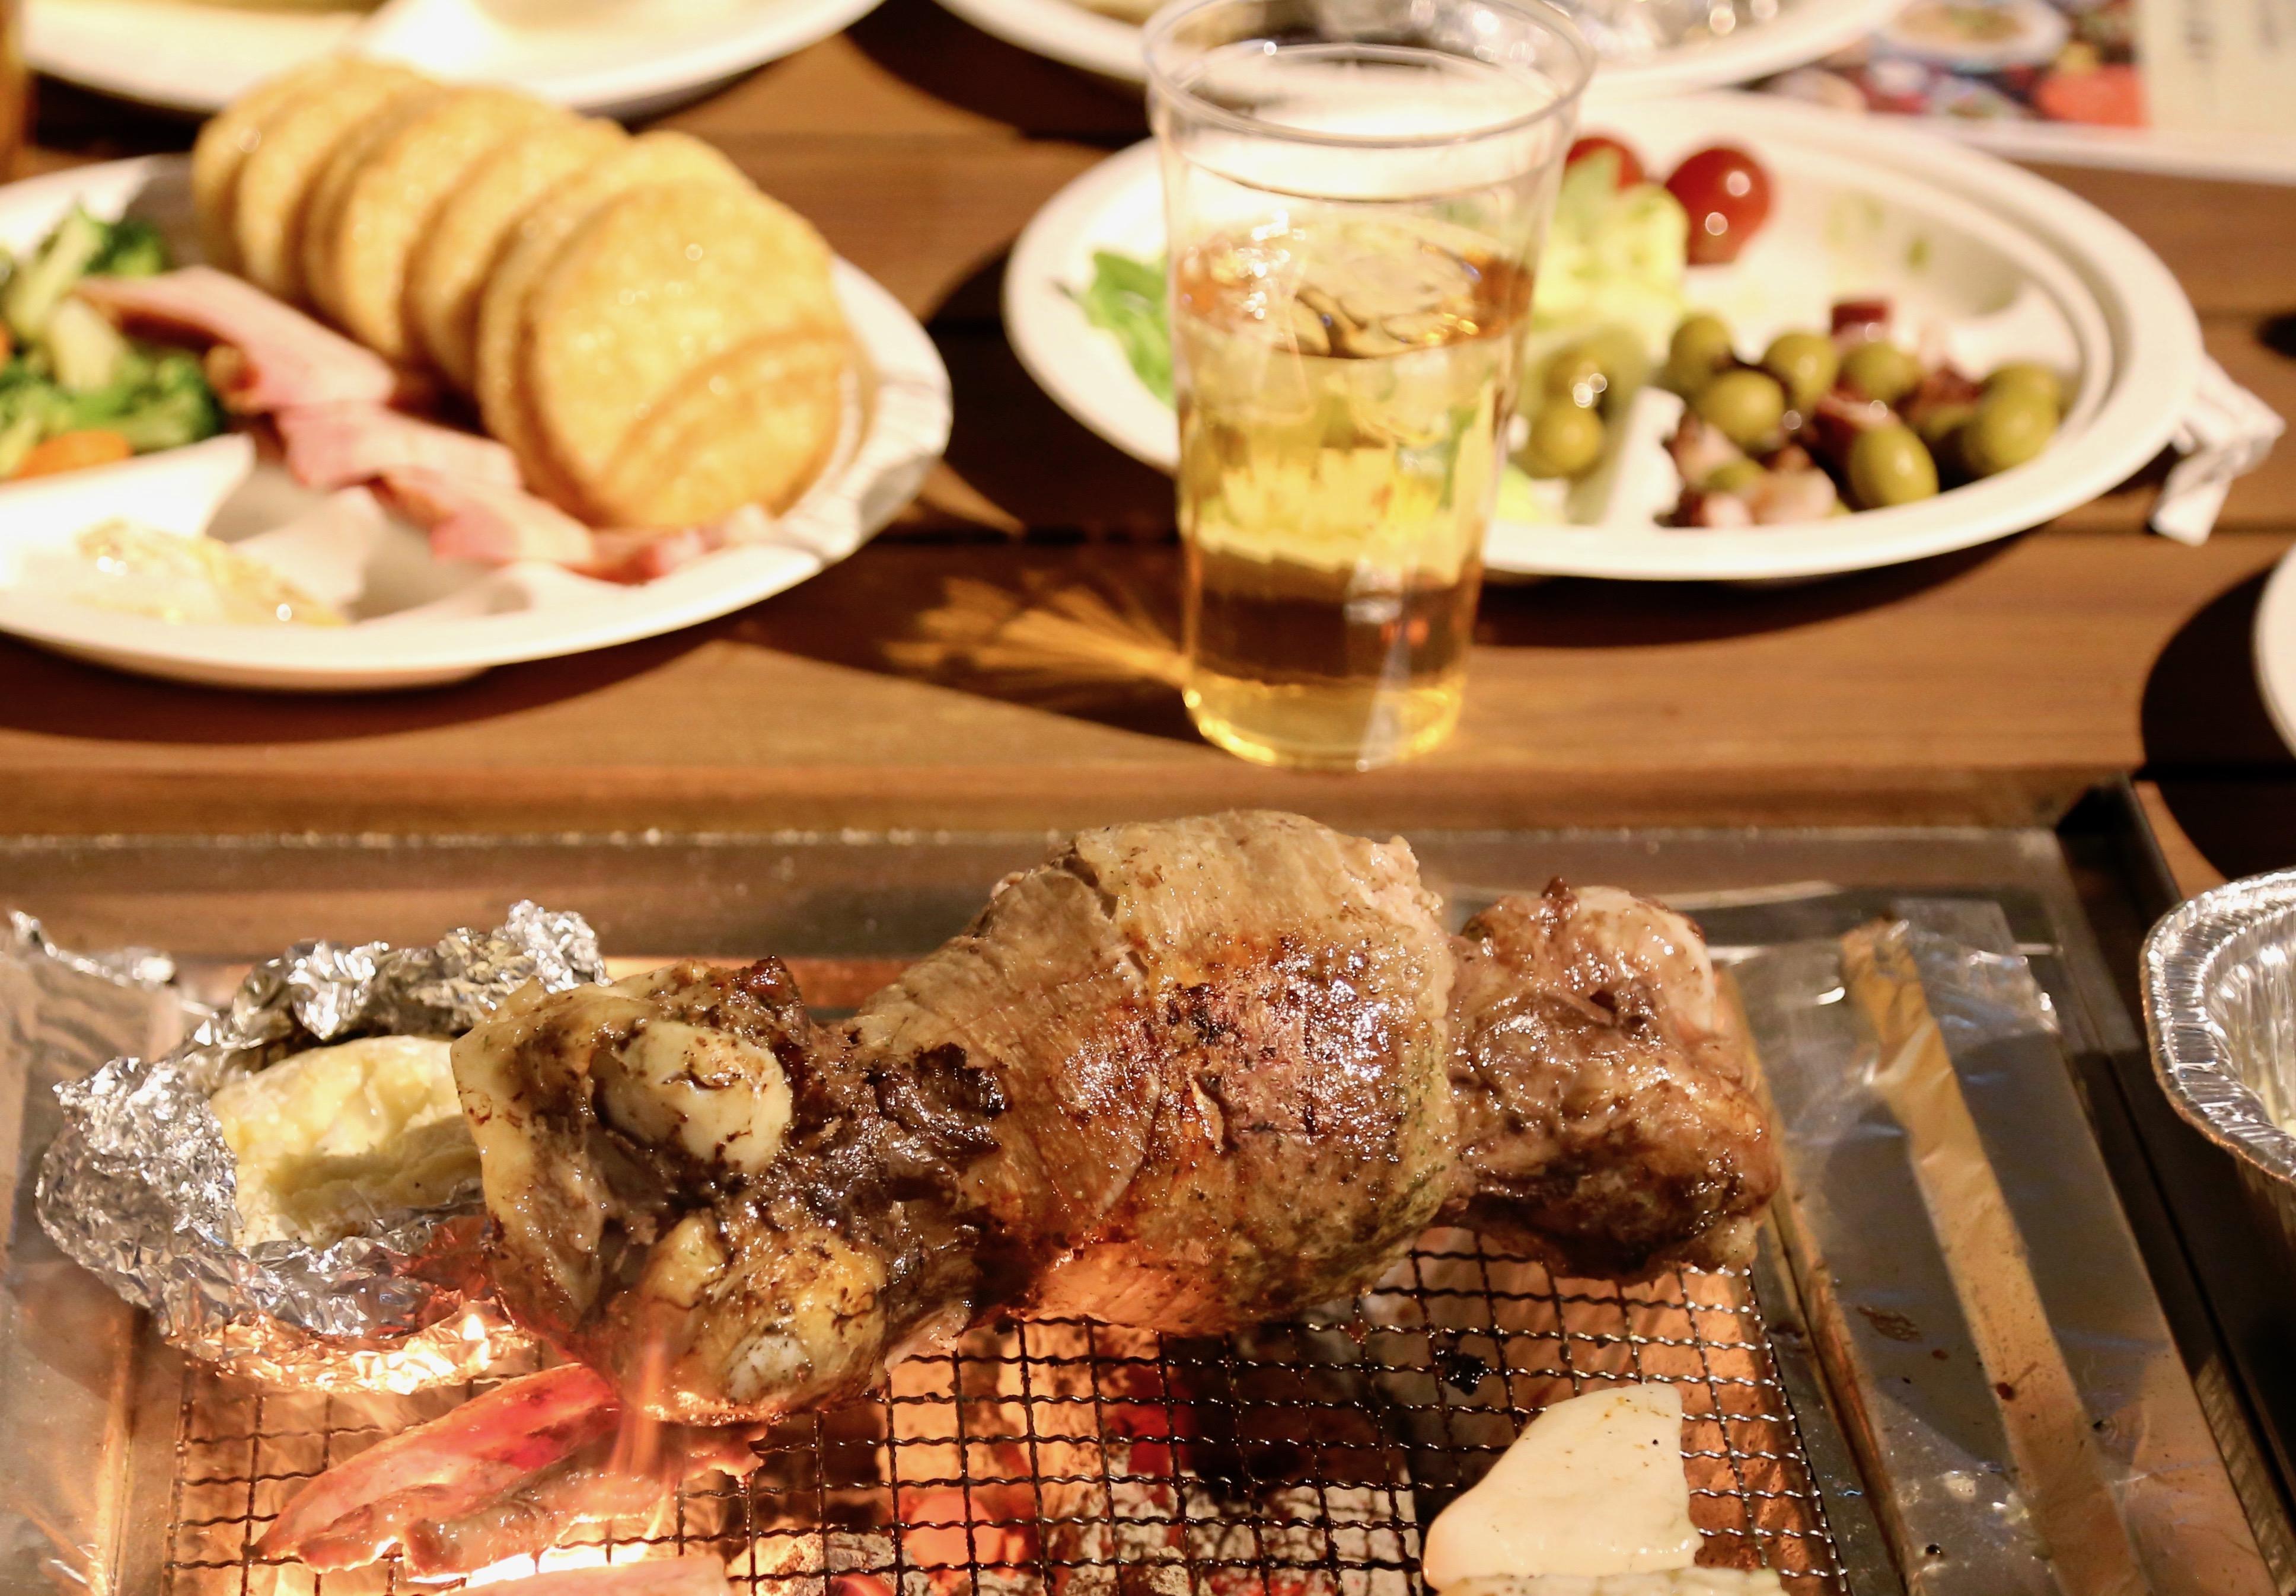 肉好き必見!新宿FlagsBBQ&ビアガーデンに「究極のマンモス肉」を堪能できるプランが登場